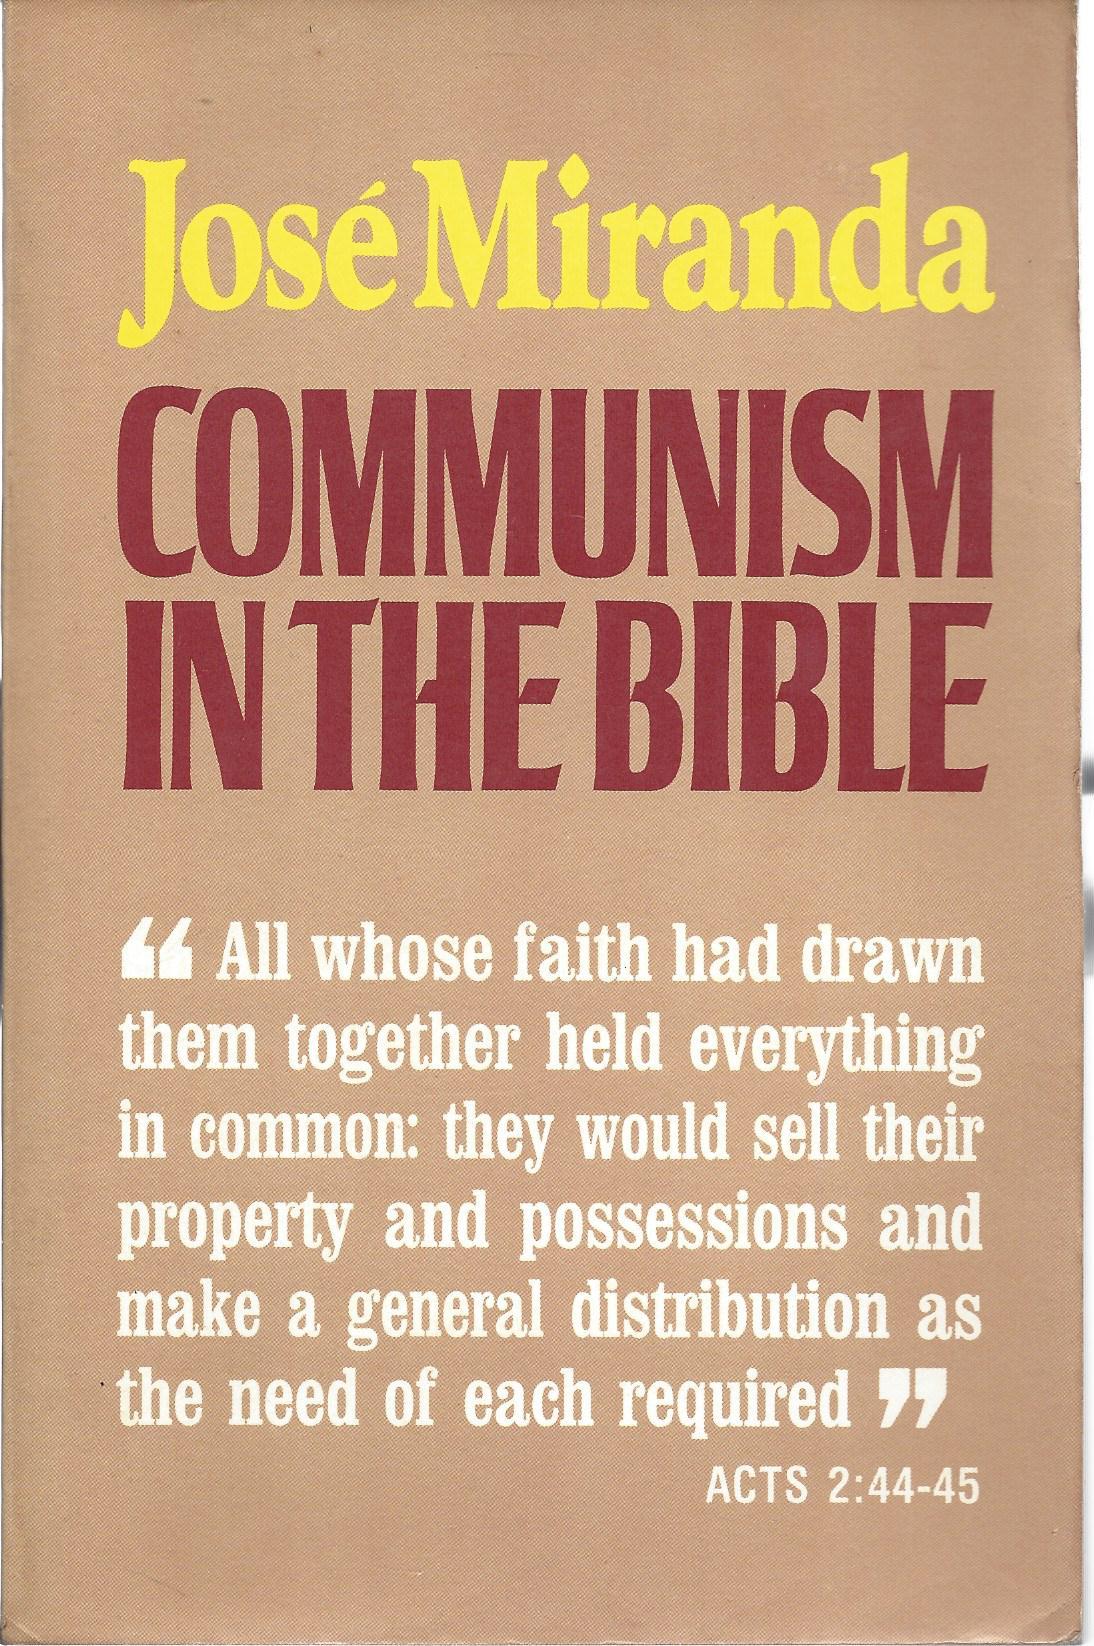 communism-in-the-bible-primera-edici%c2%a2n-orbis-book-1982